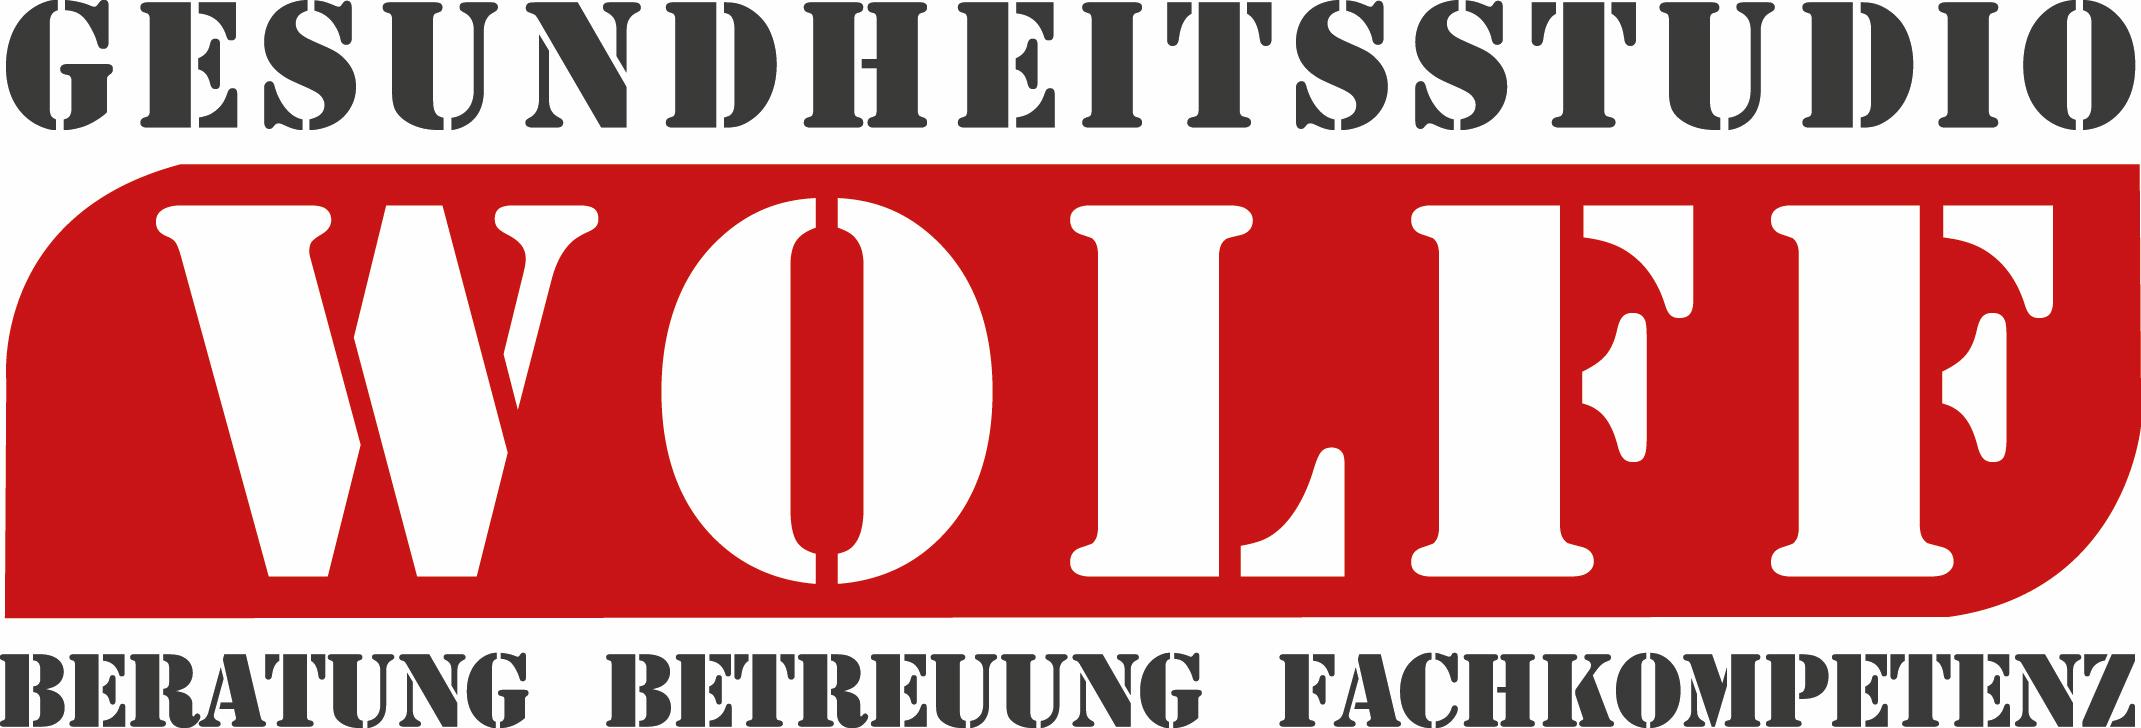 Gesundheitsstudio Wolff